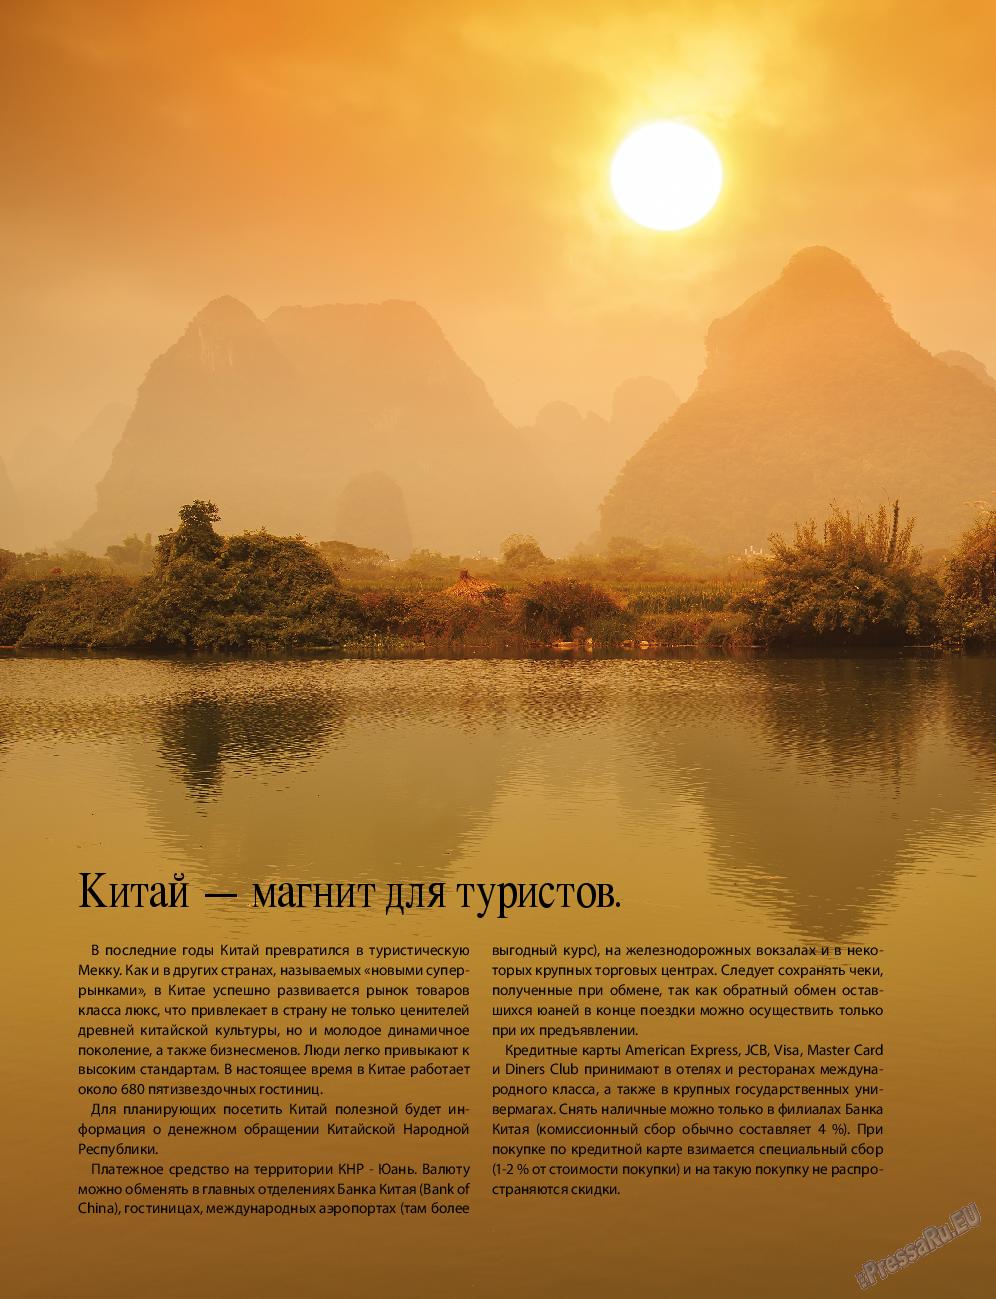 Клан (журнал). 2014 год, номер 6, стр. 58